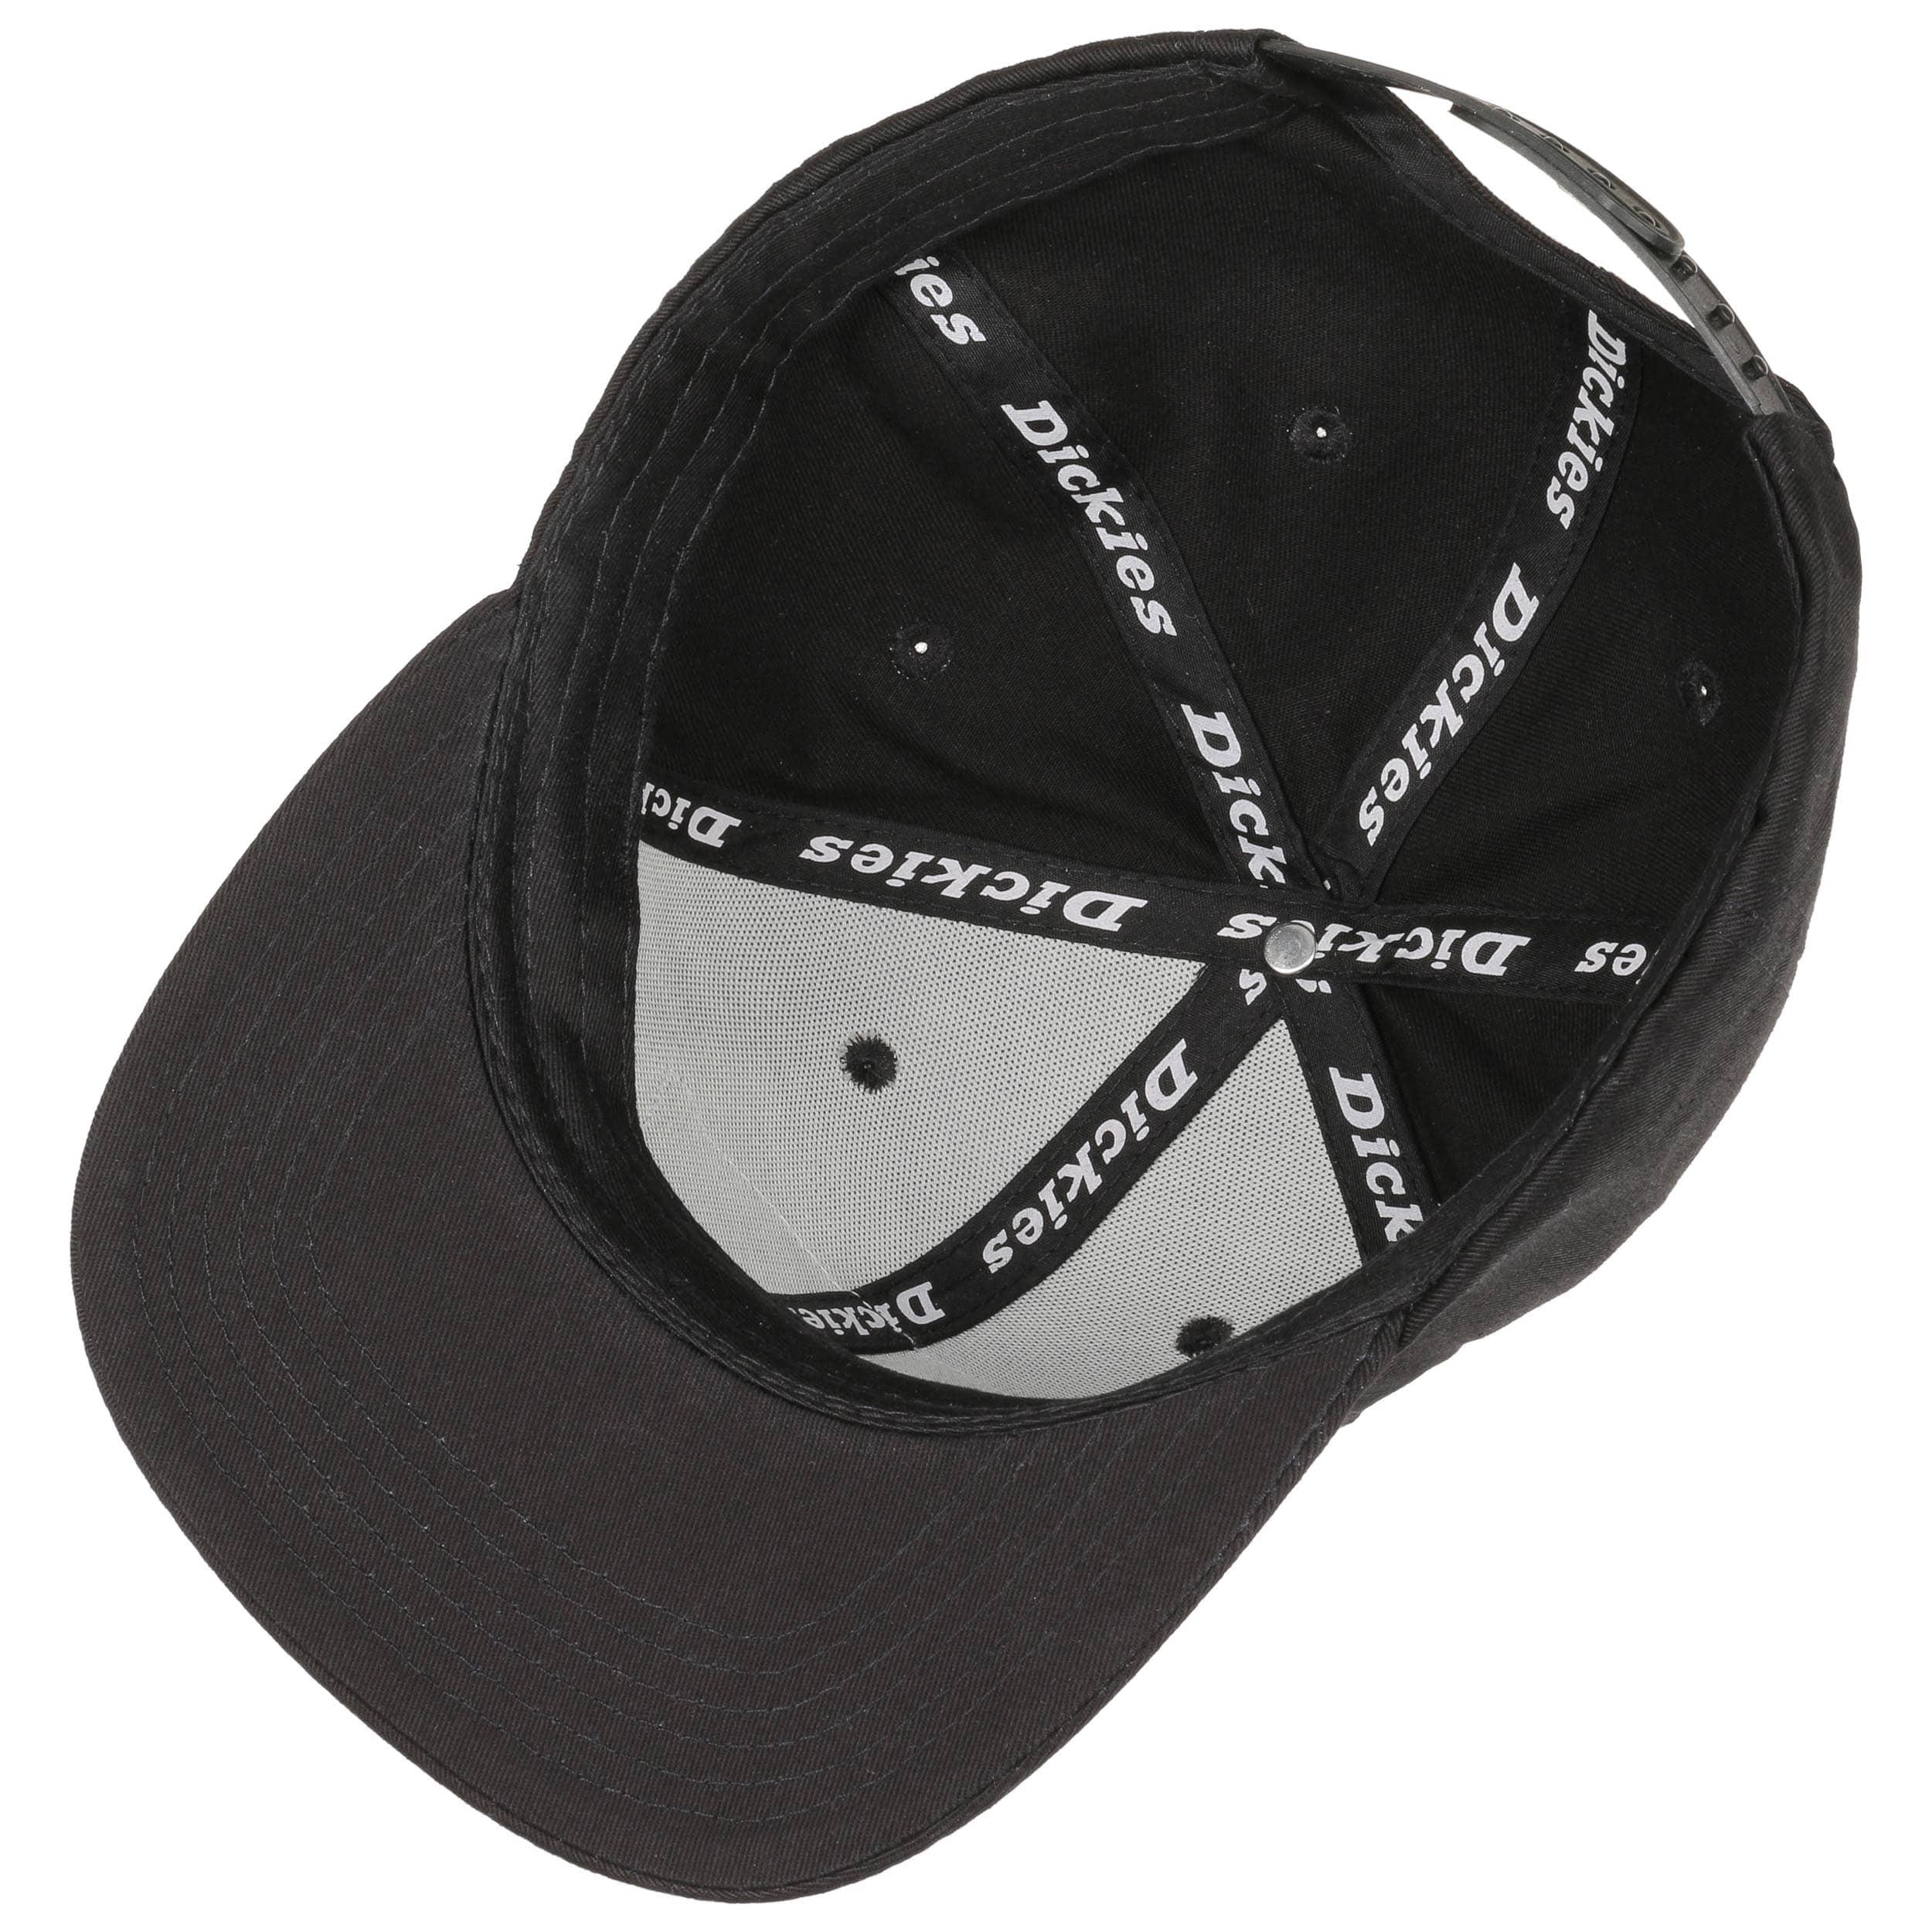 2f8c14f854d00 ... Muldoon Snapback Cap by Dickies - black 2 ...